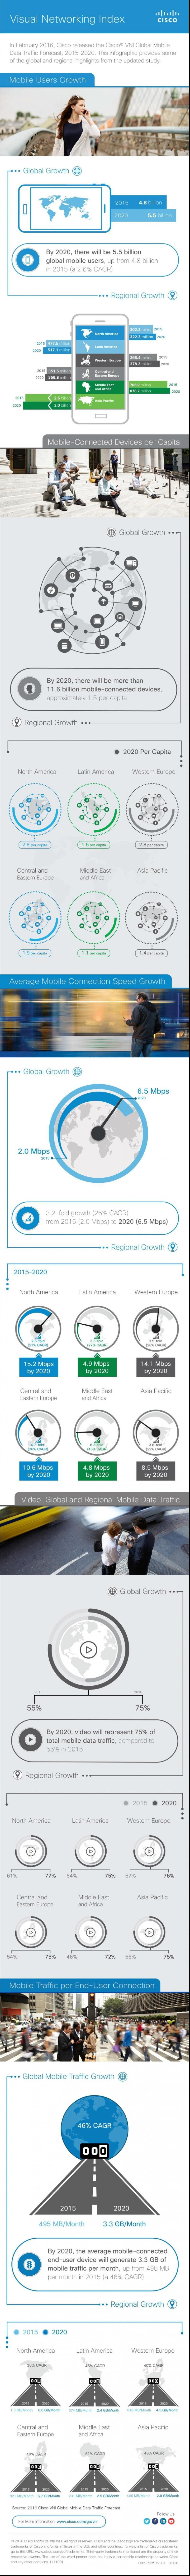 El tráfico global de datos móviles se multiplicará por siete de aquí a 2021